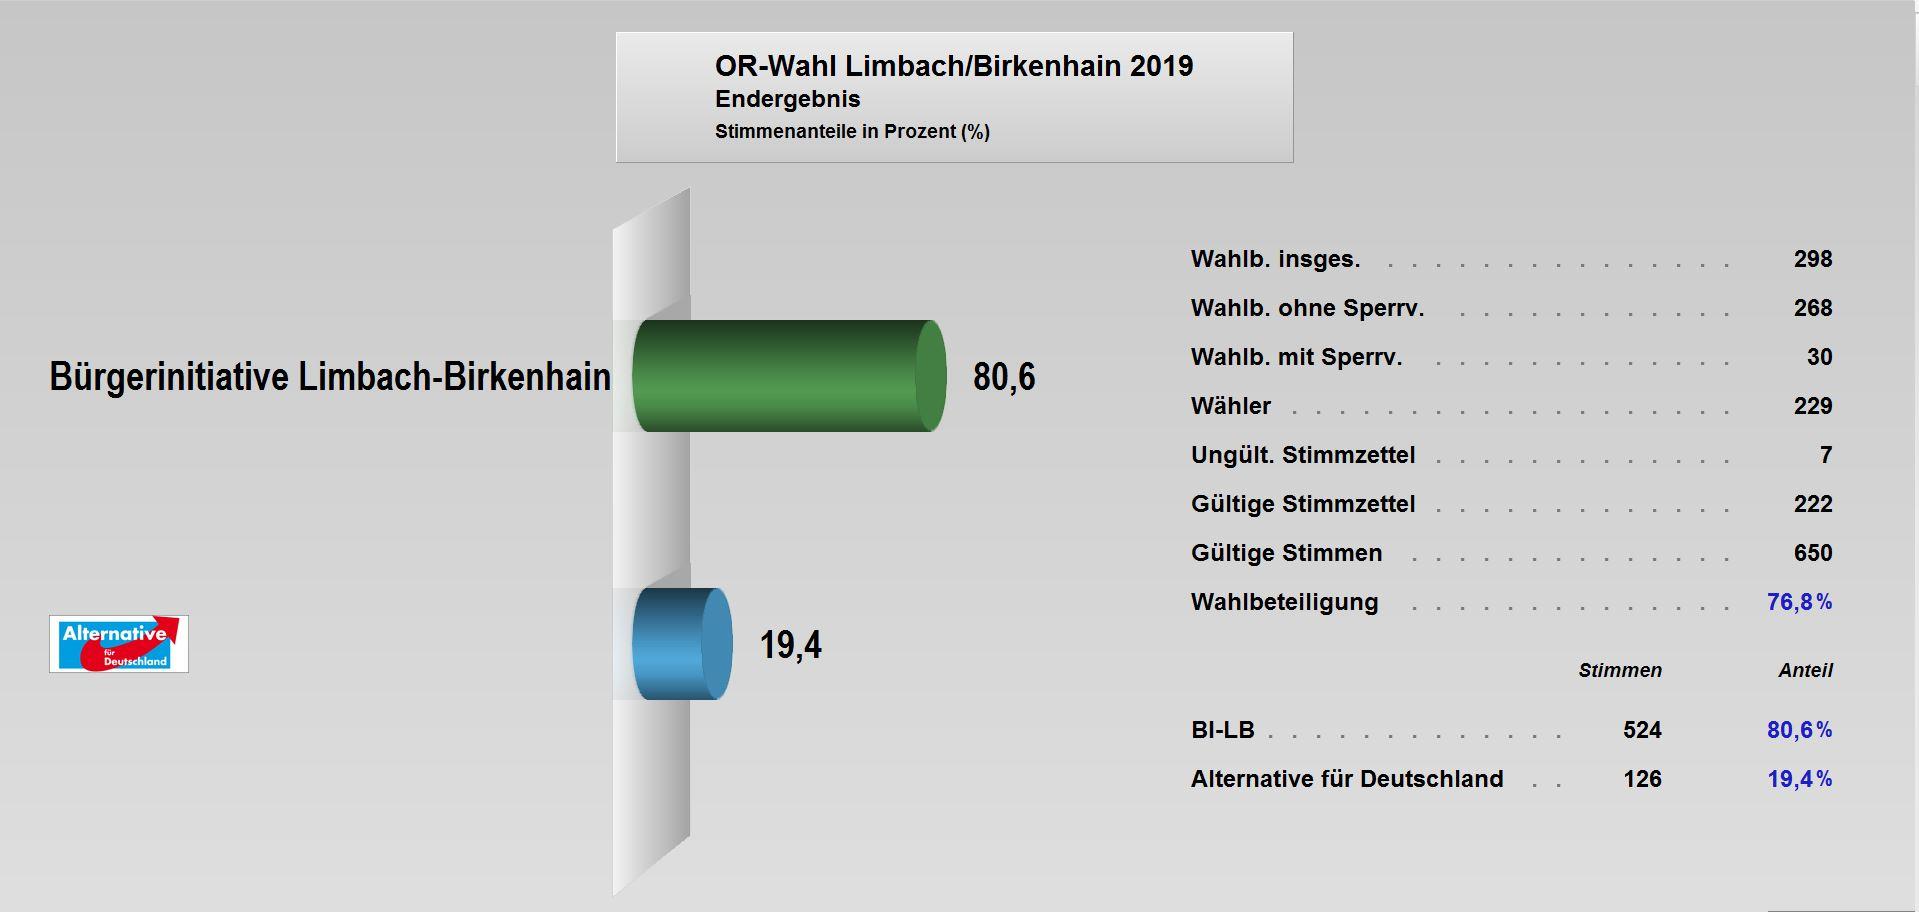 OR-Wahl_2019_Endergebnis.JPG